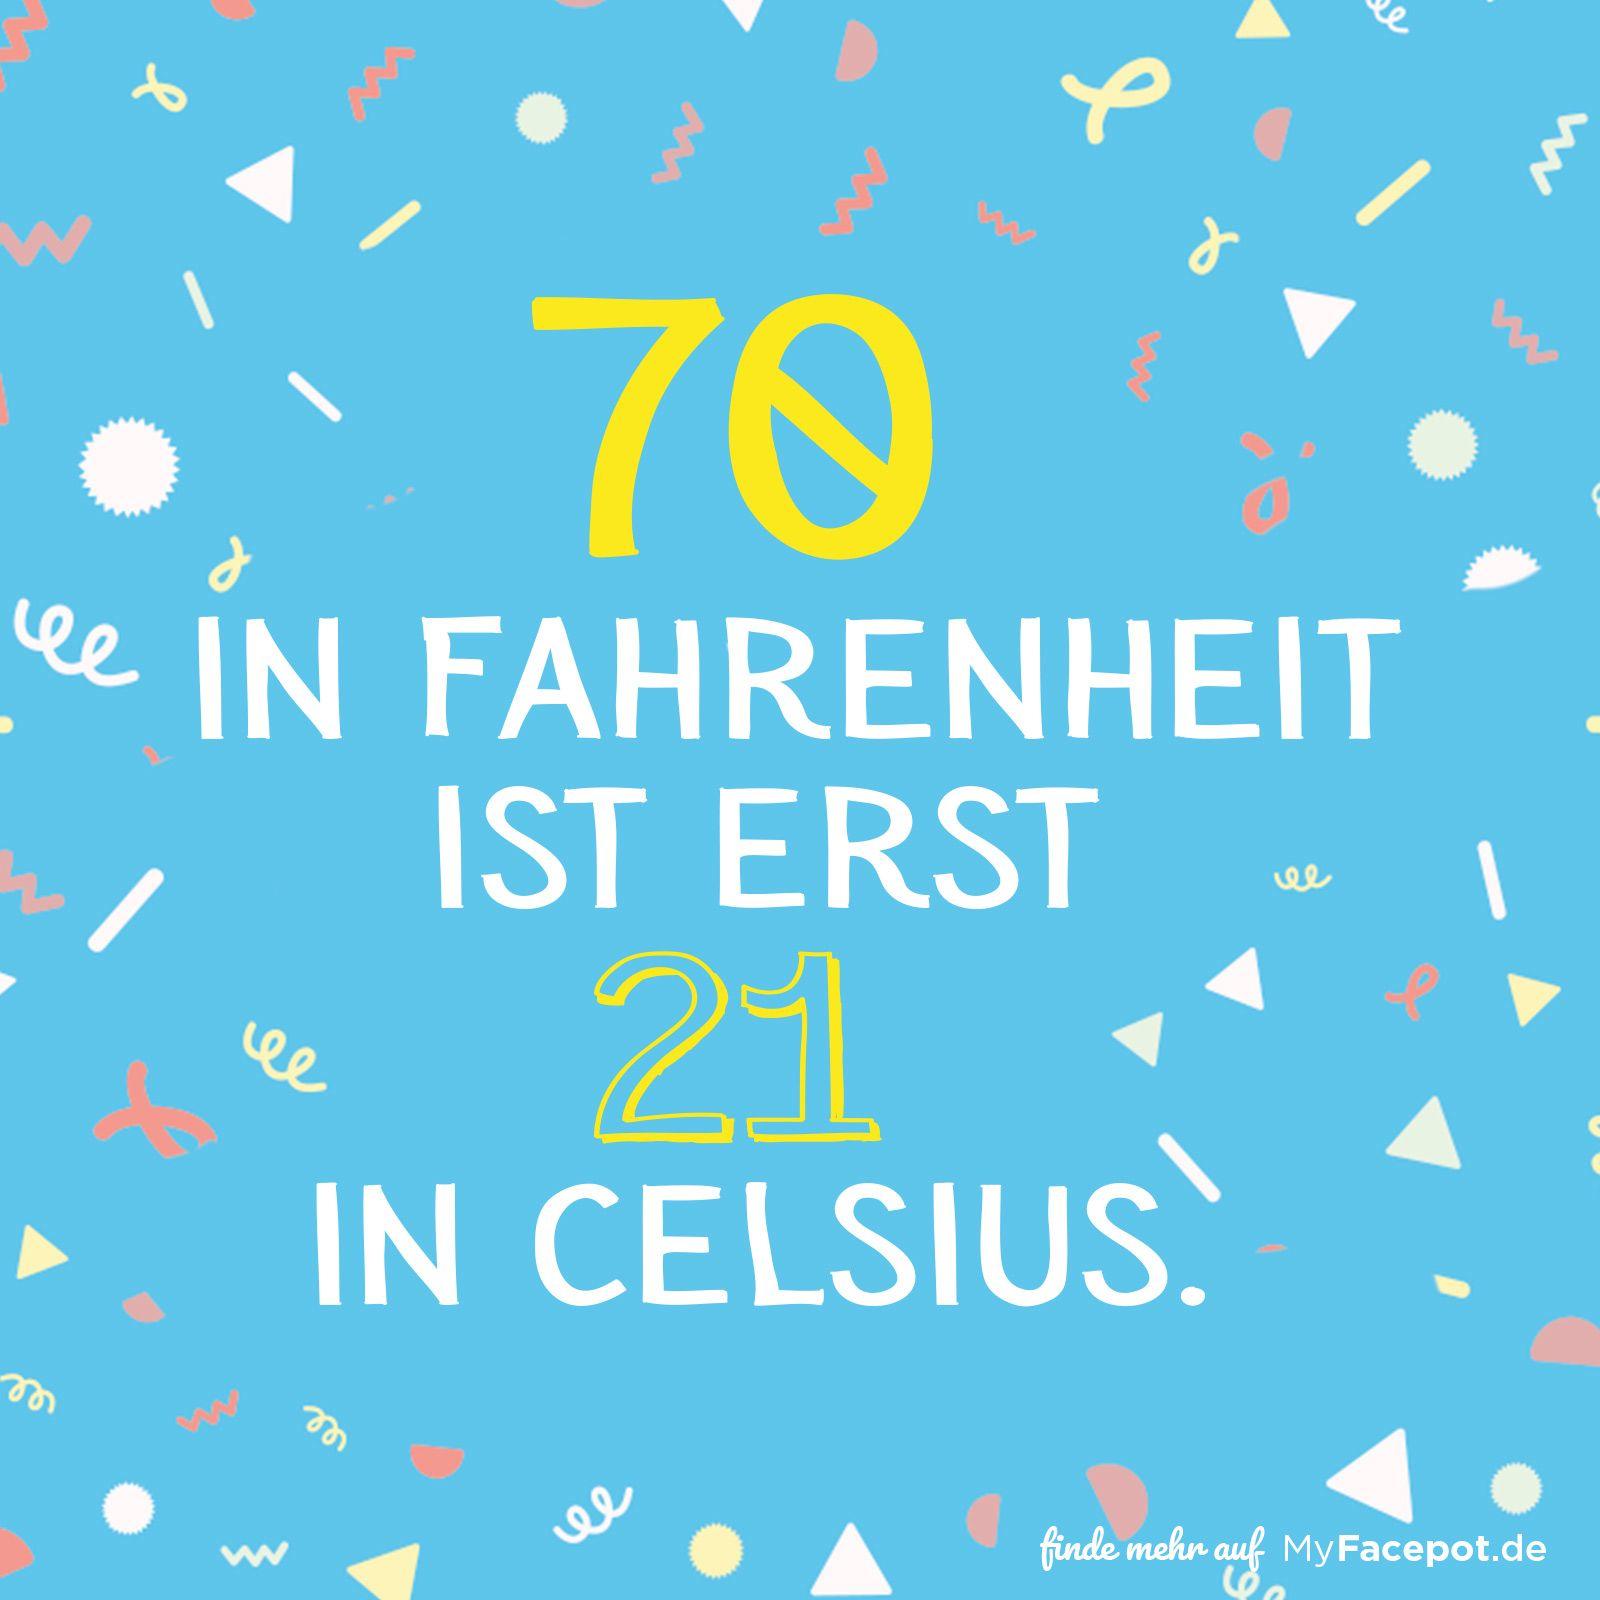 Gluckwunsche Zum 70 Geburtstag Leicht Gemacht Mit 2 Fotos Von Oma Gemeinsam Mit Enkel Enkelin 70 Geburtstag Spruche Spruche Zum Geburtstag 70 Geburtstag